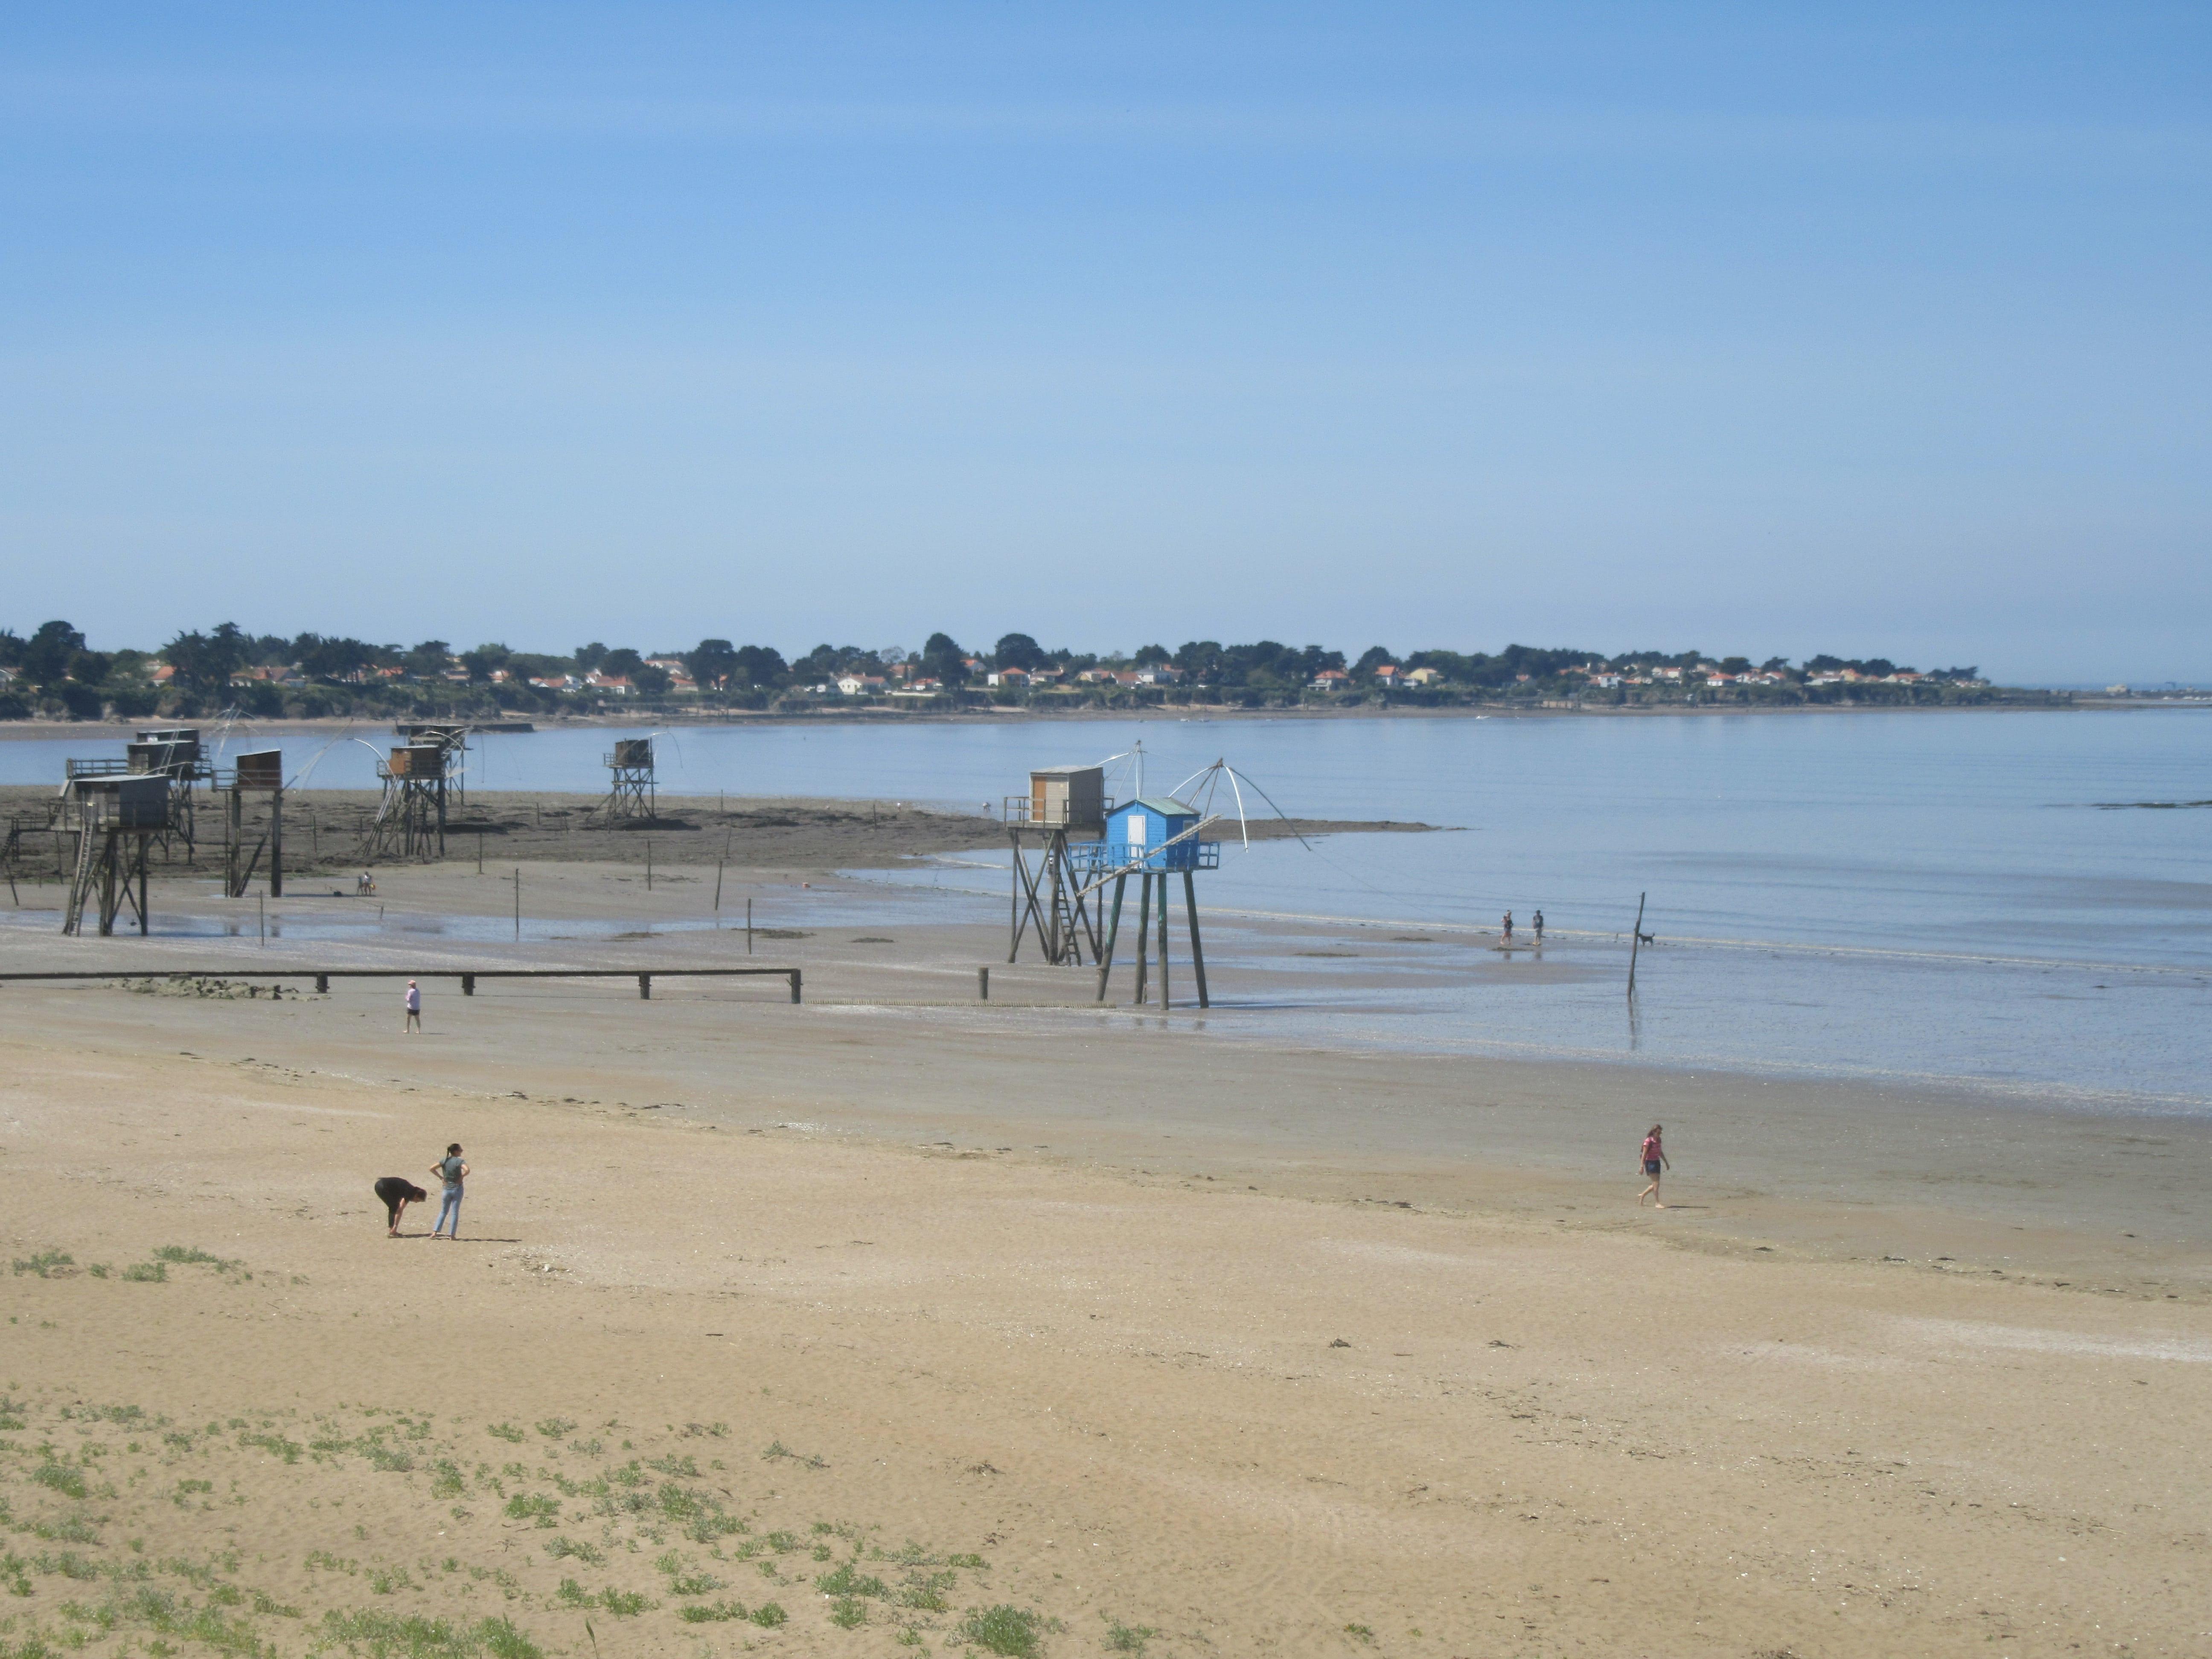 Les pécheries de Tharon plage à Saint Michel Chef chef